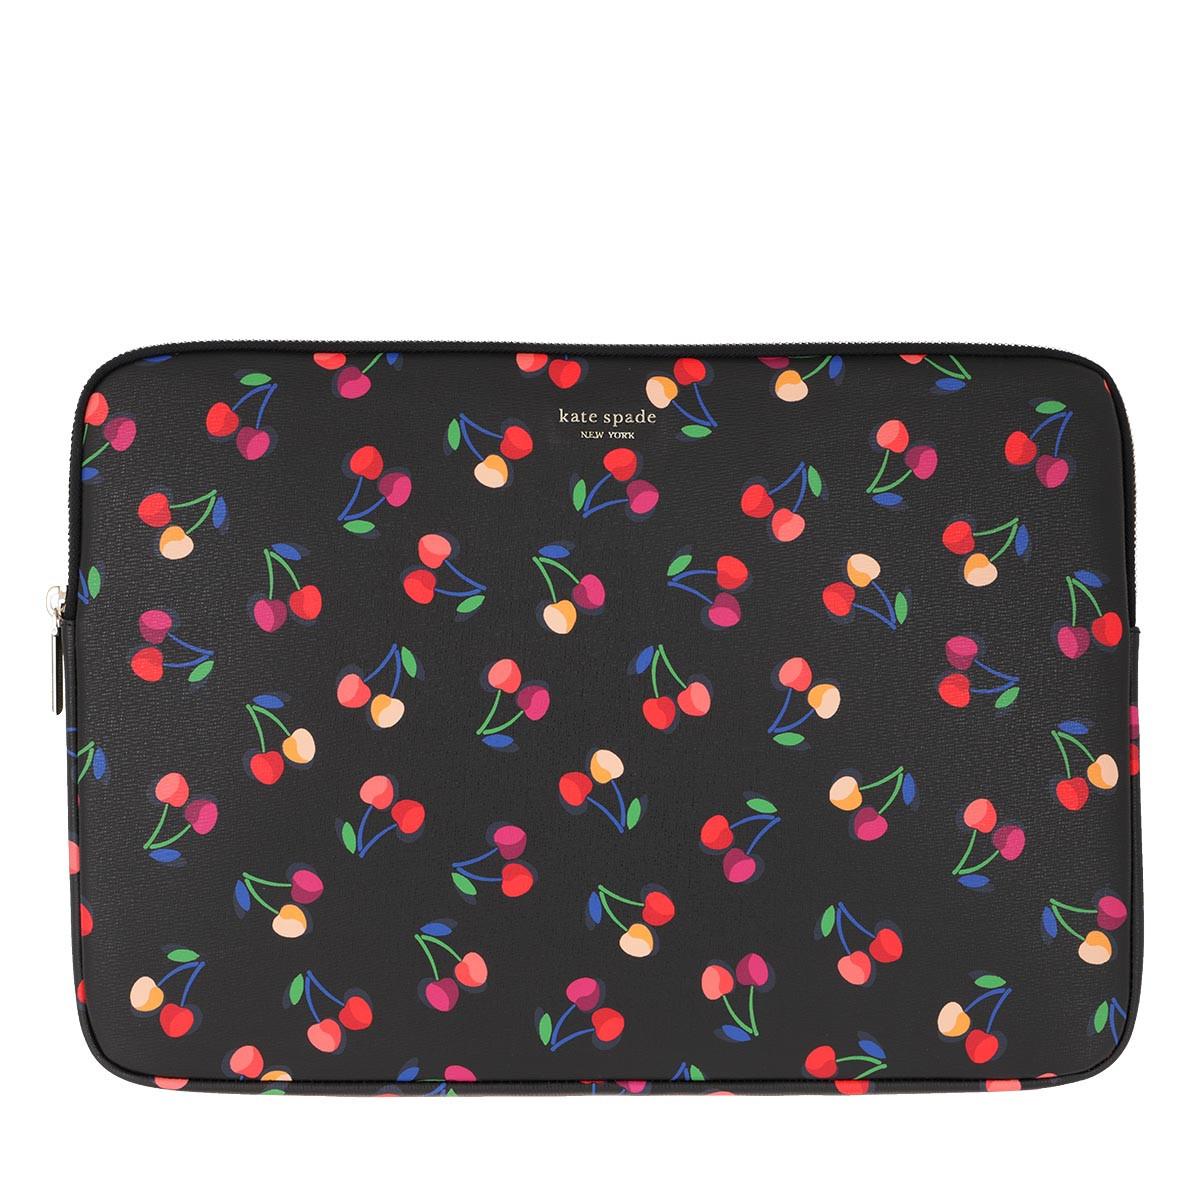 Kate Spade New York Laptoptasche - Cherries Universal Laptop Bag Black Multi - in schwarz - für Damen